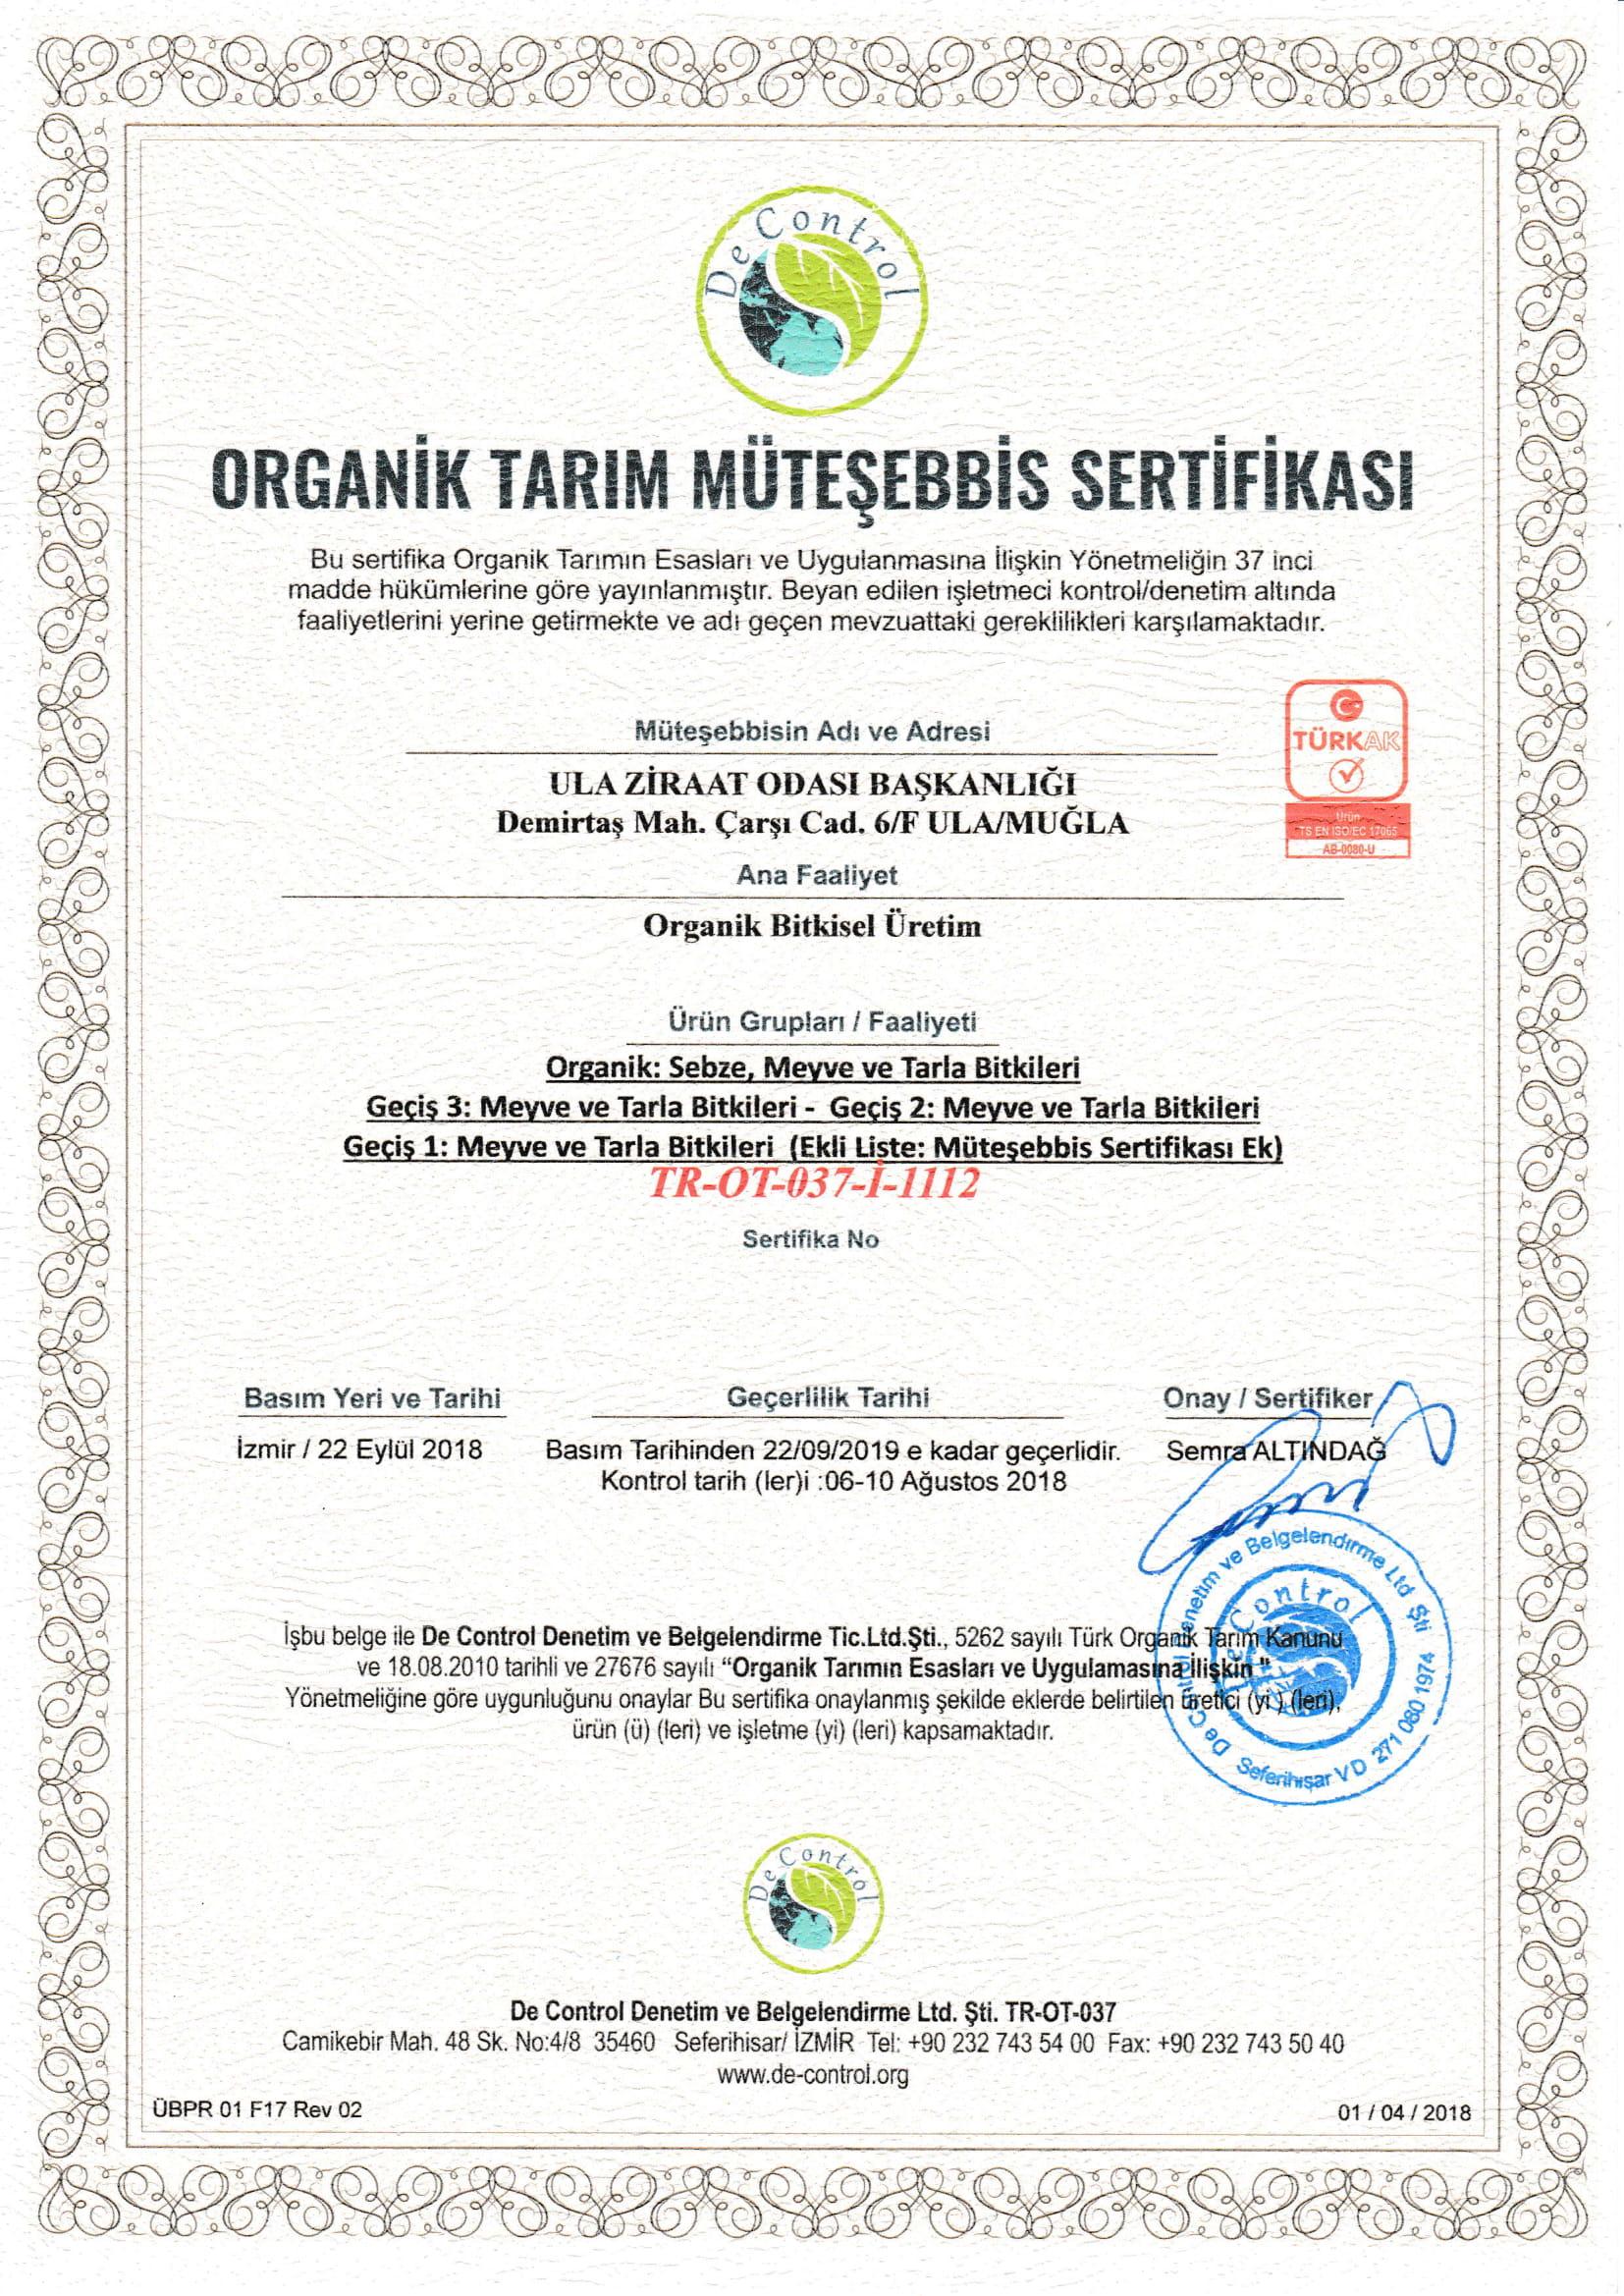 Organik Tarım Müteşebbis Sertifikası